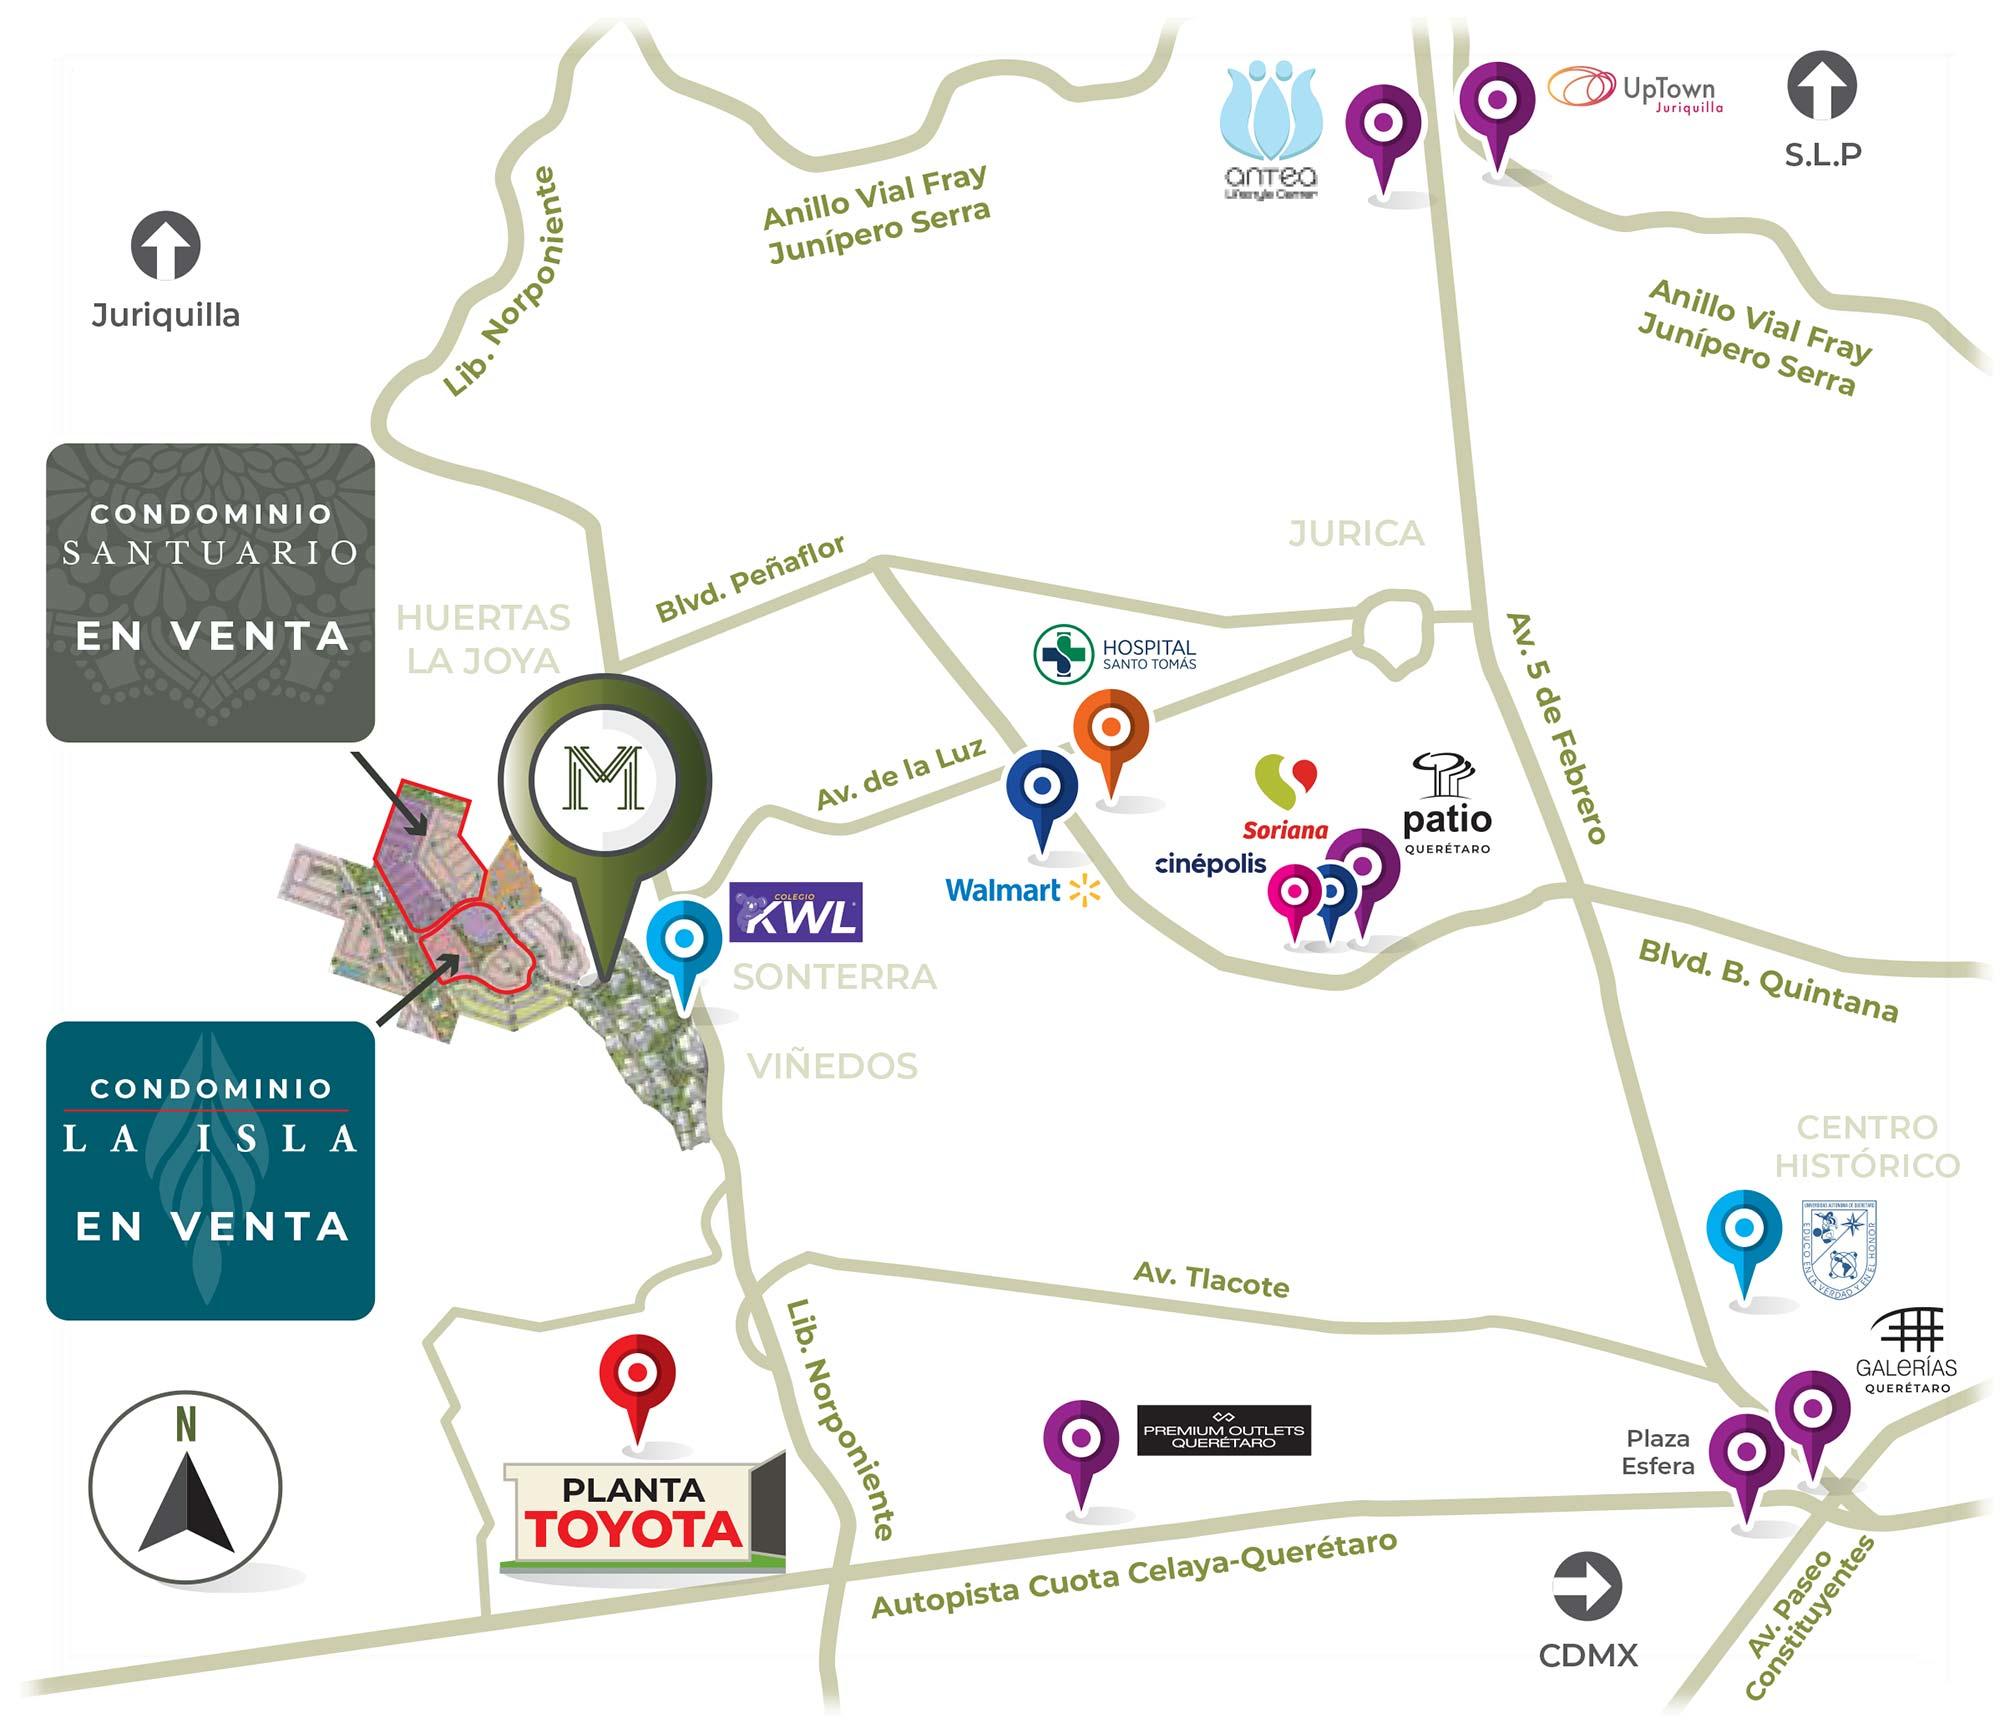 mapa condominio santuario